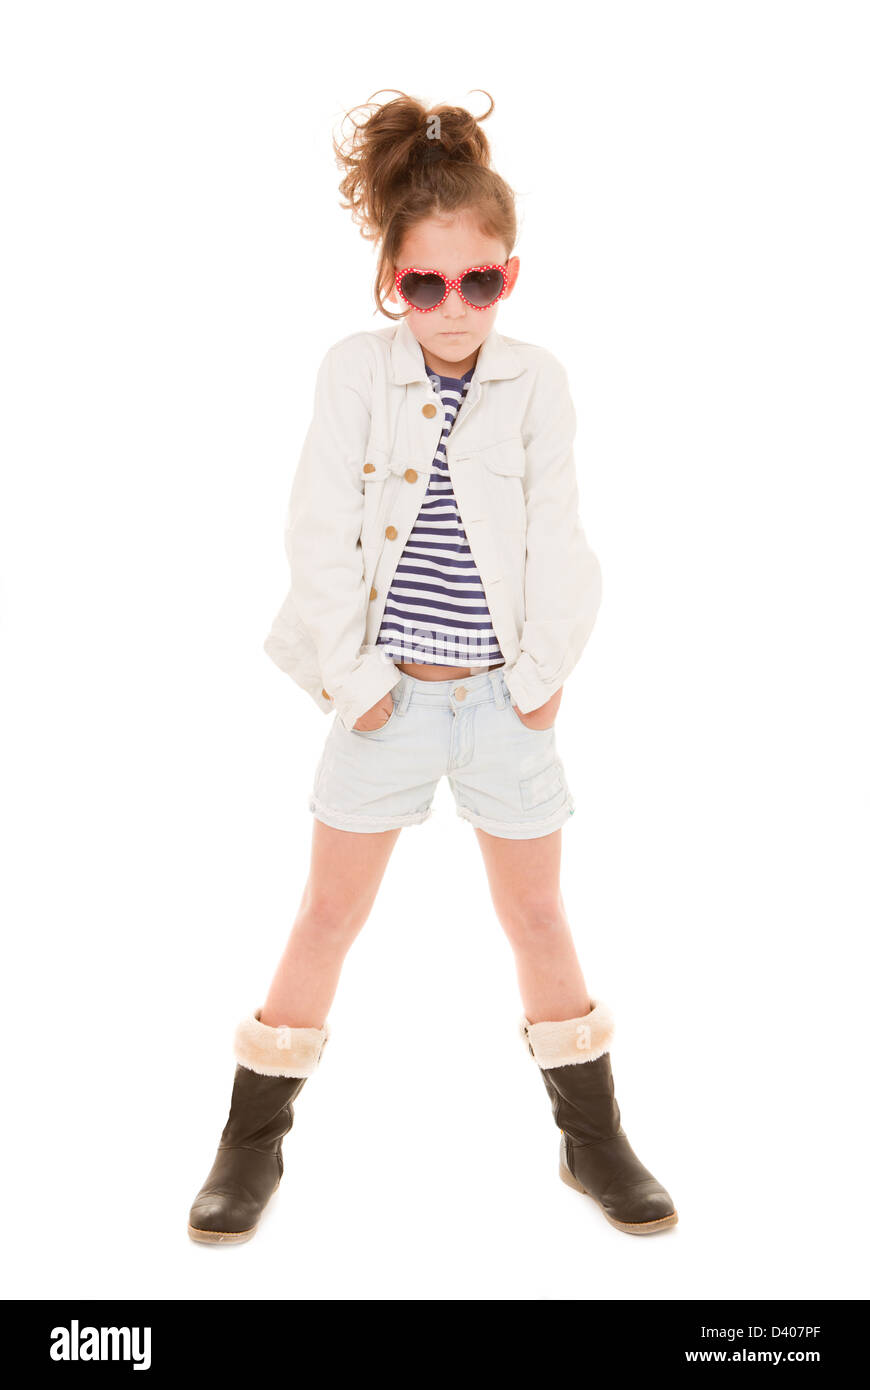 Petite fille à la mode avec les vêtements à la mode Photo Stock